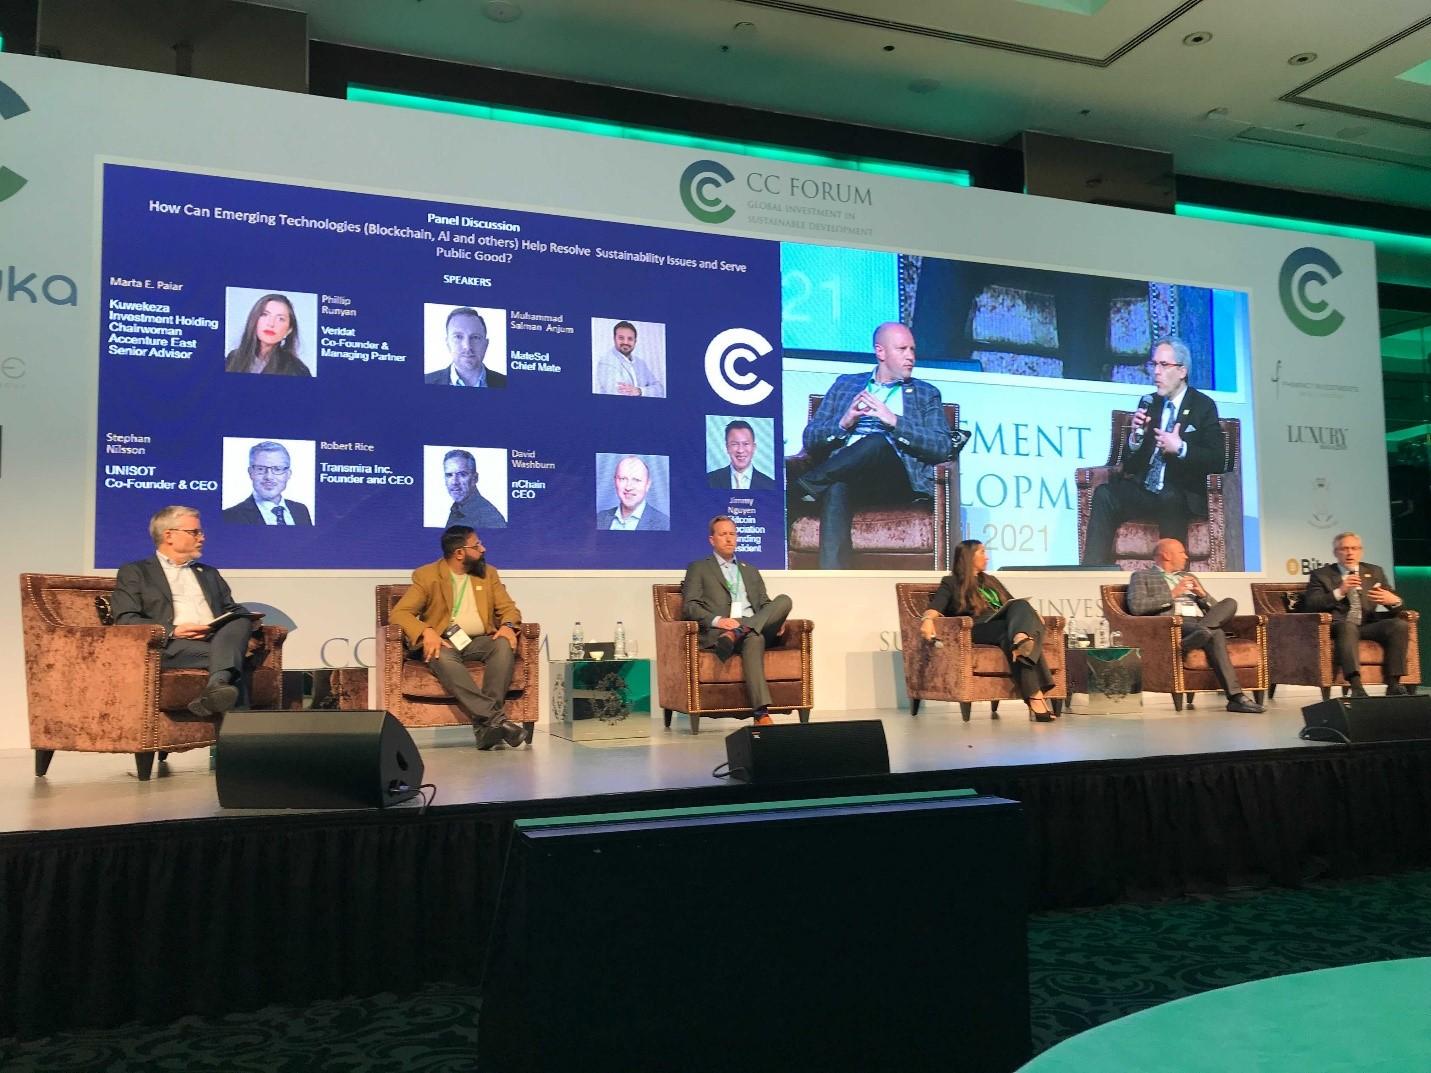 Speakers of Bitcoin SV at CC Forum in Dubai